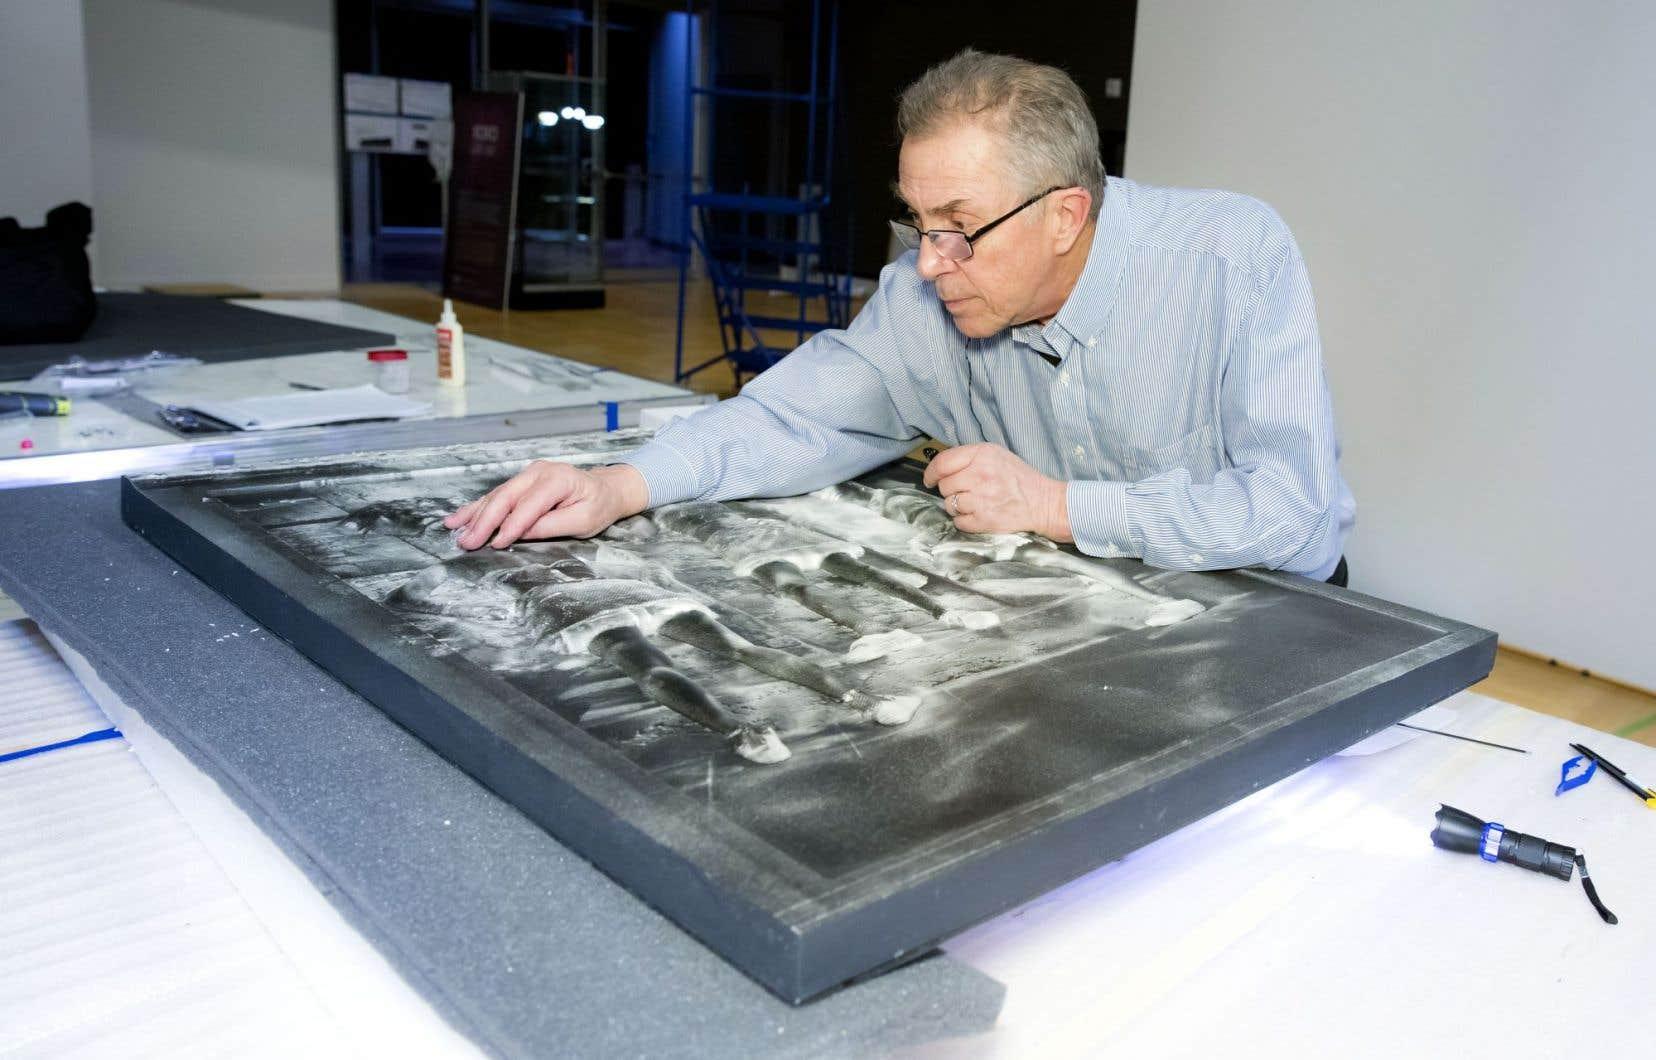 Le Musée canadien pour les droits de la personne de Winnipegest l'héritage de l'homme d'affaires et philanthrope Israel Asper.